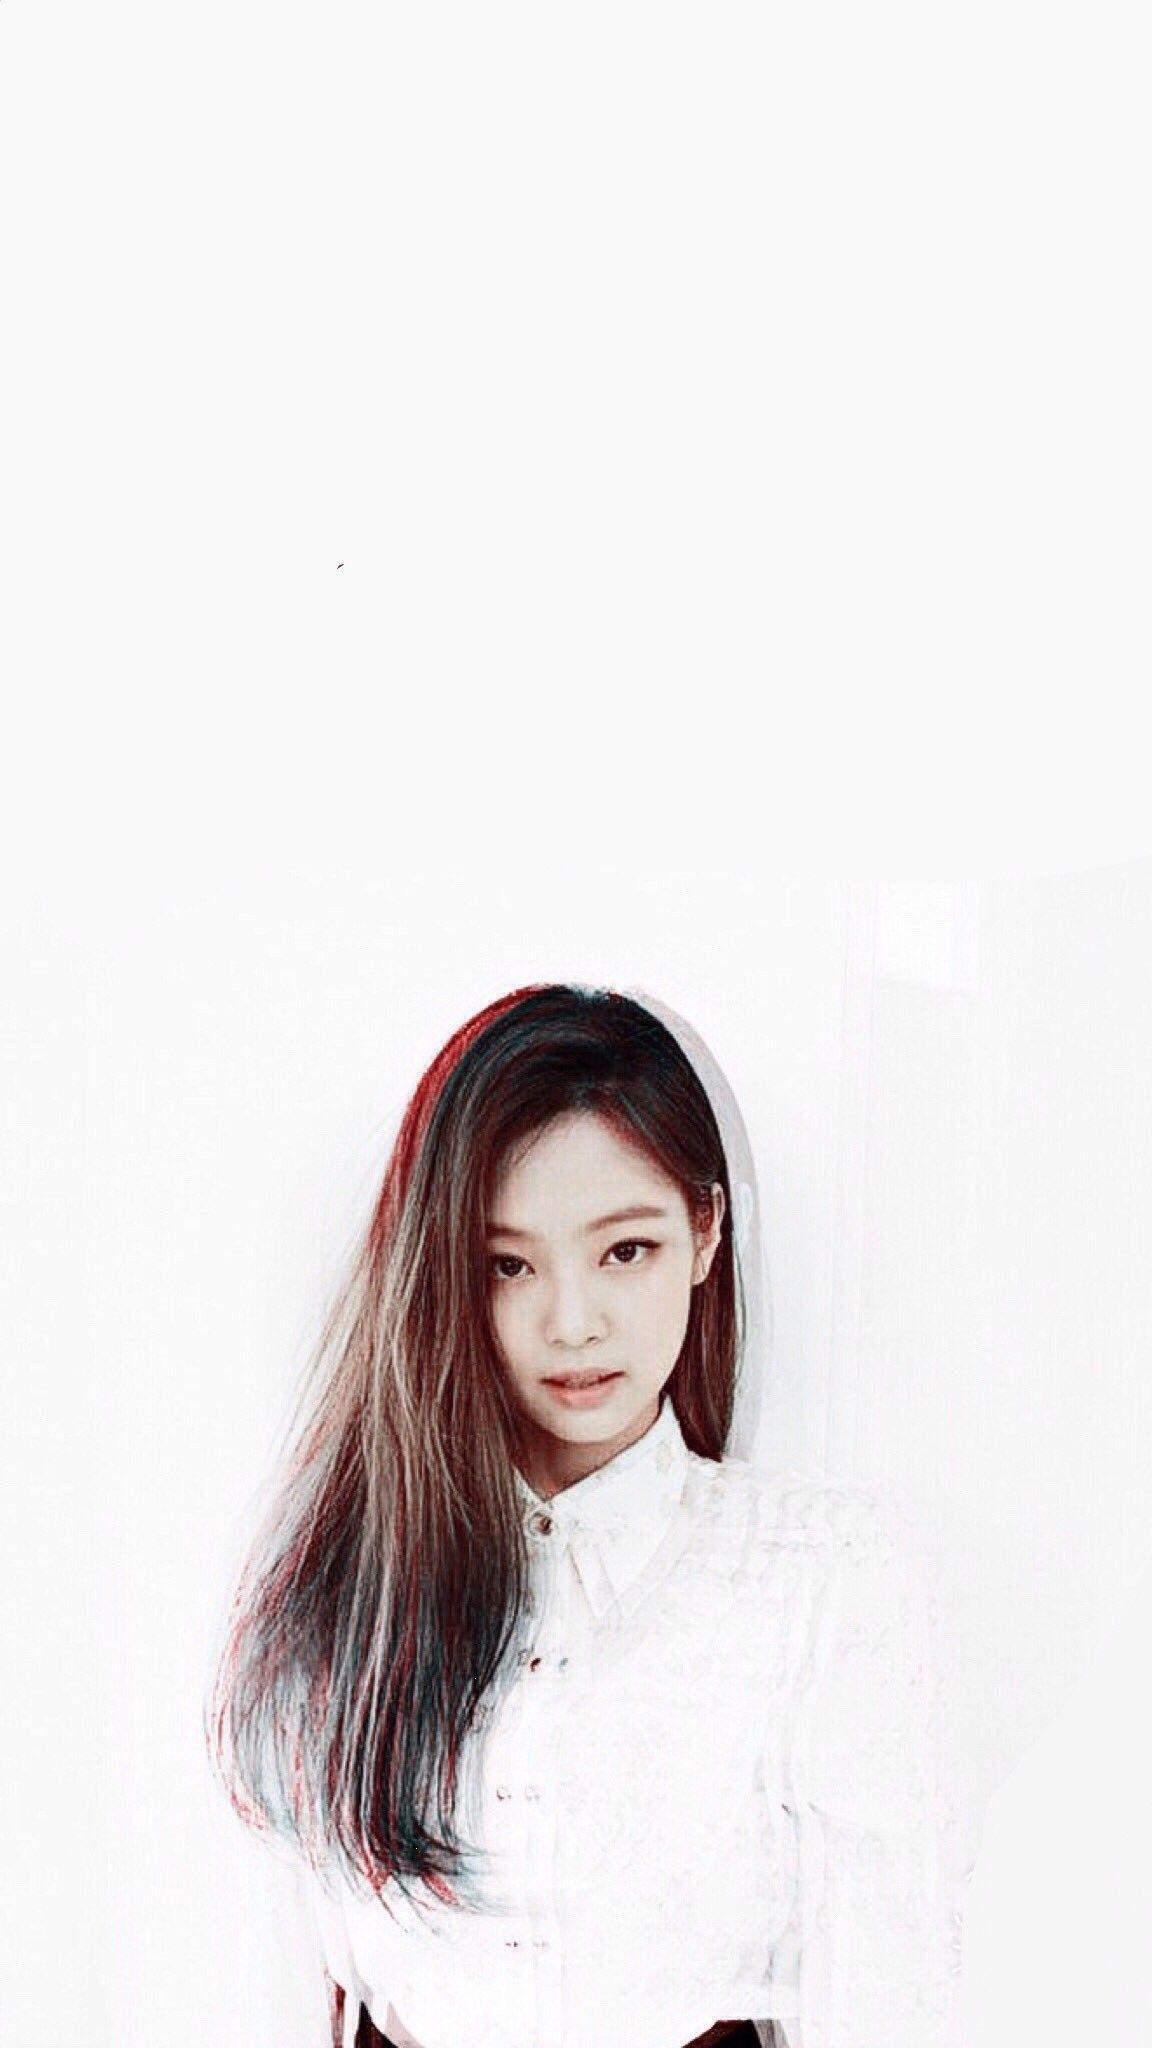 Jennie Kim Blackpink Wallpapers Blackpink Jennie Jennie Kim Blackpink Blackpink